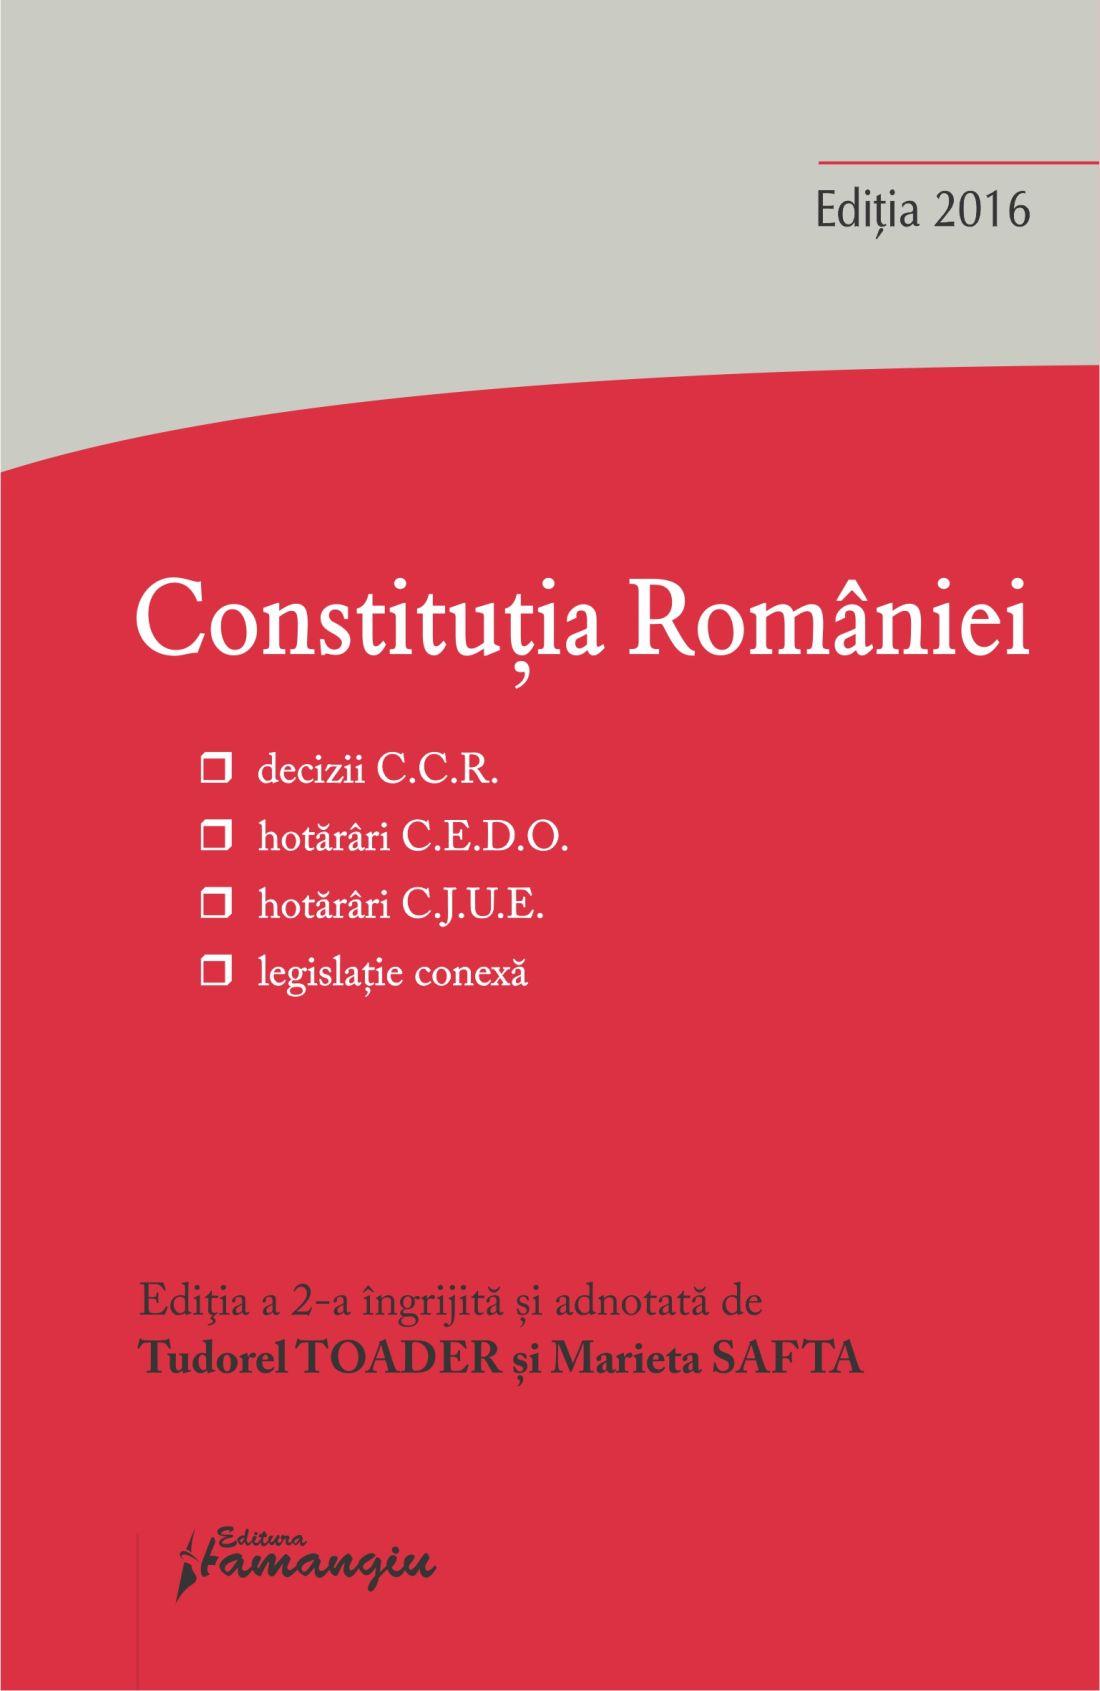 Constitutia-Romaniei_ed_2